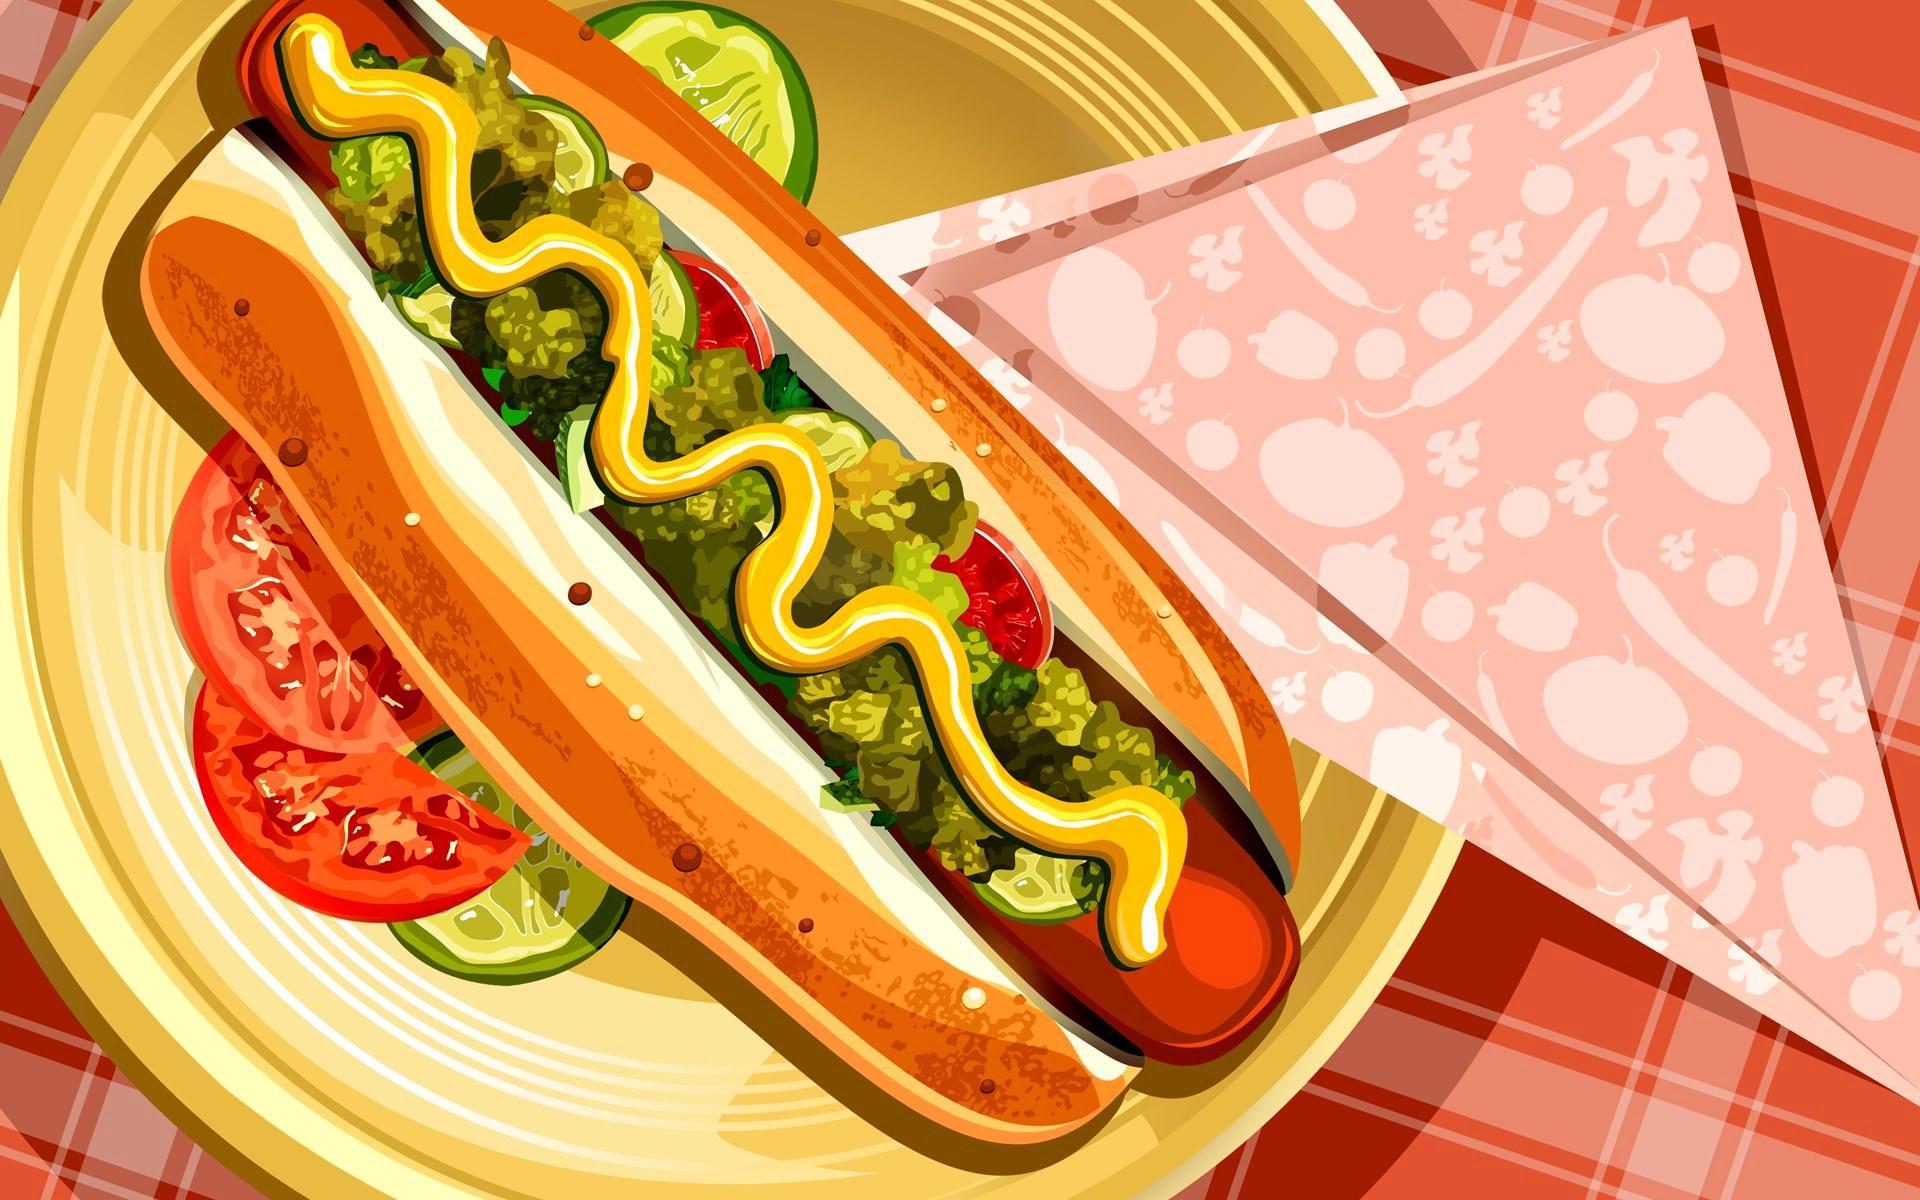 5 дней жирной пищи — изменения мышечного метаболизма